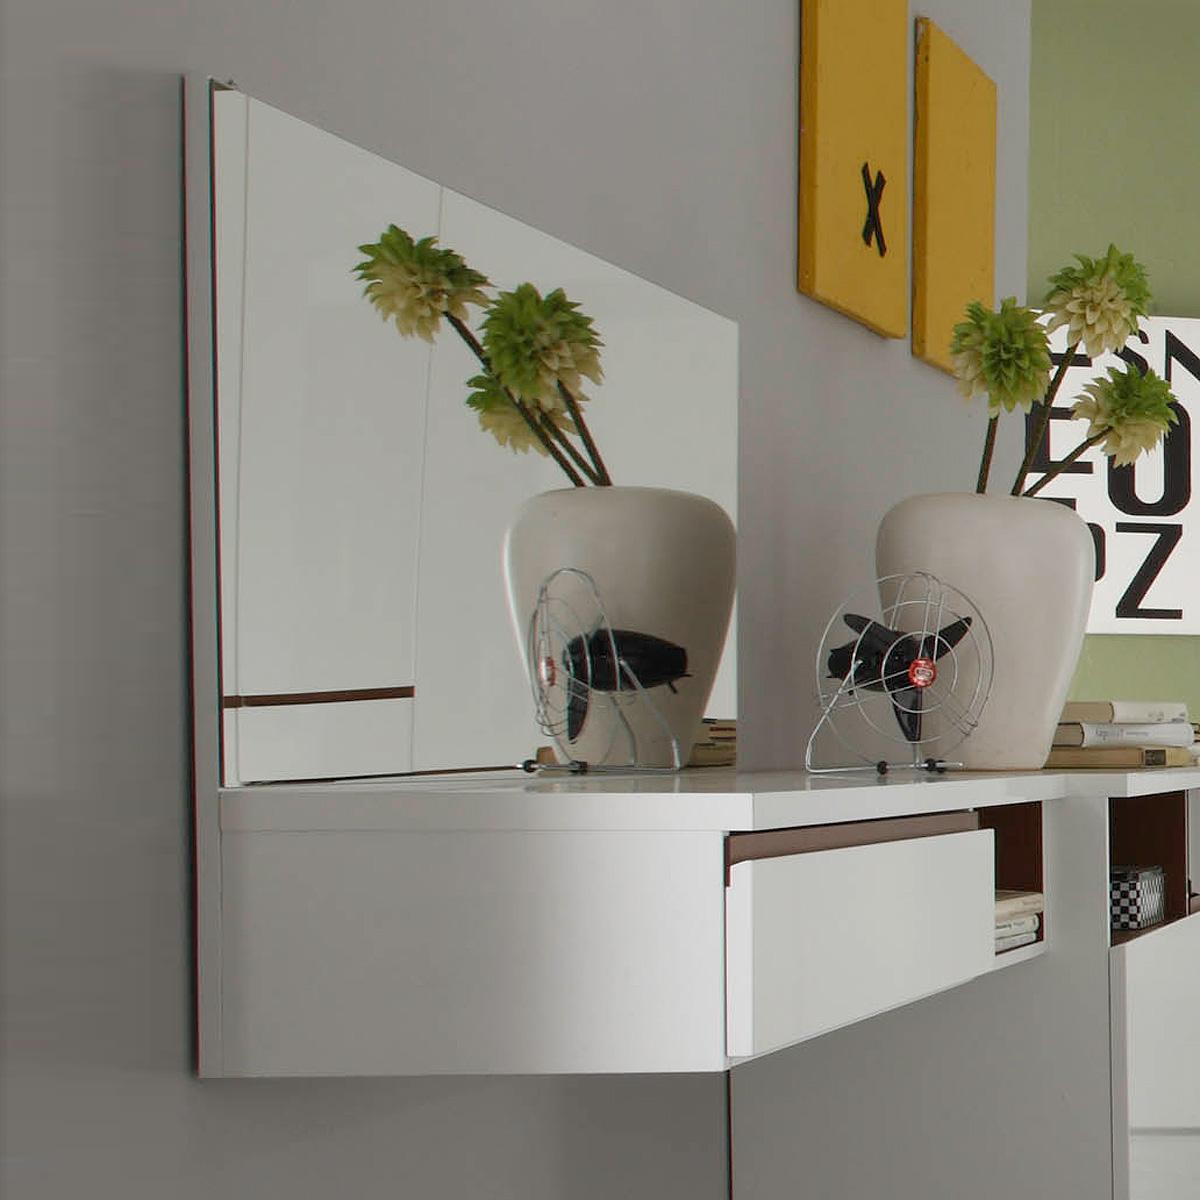 schminktisch neve schminkplatz wei hochglanz tiefzieh und. Black Bedroom Furniture Sets. Home Design Ideas